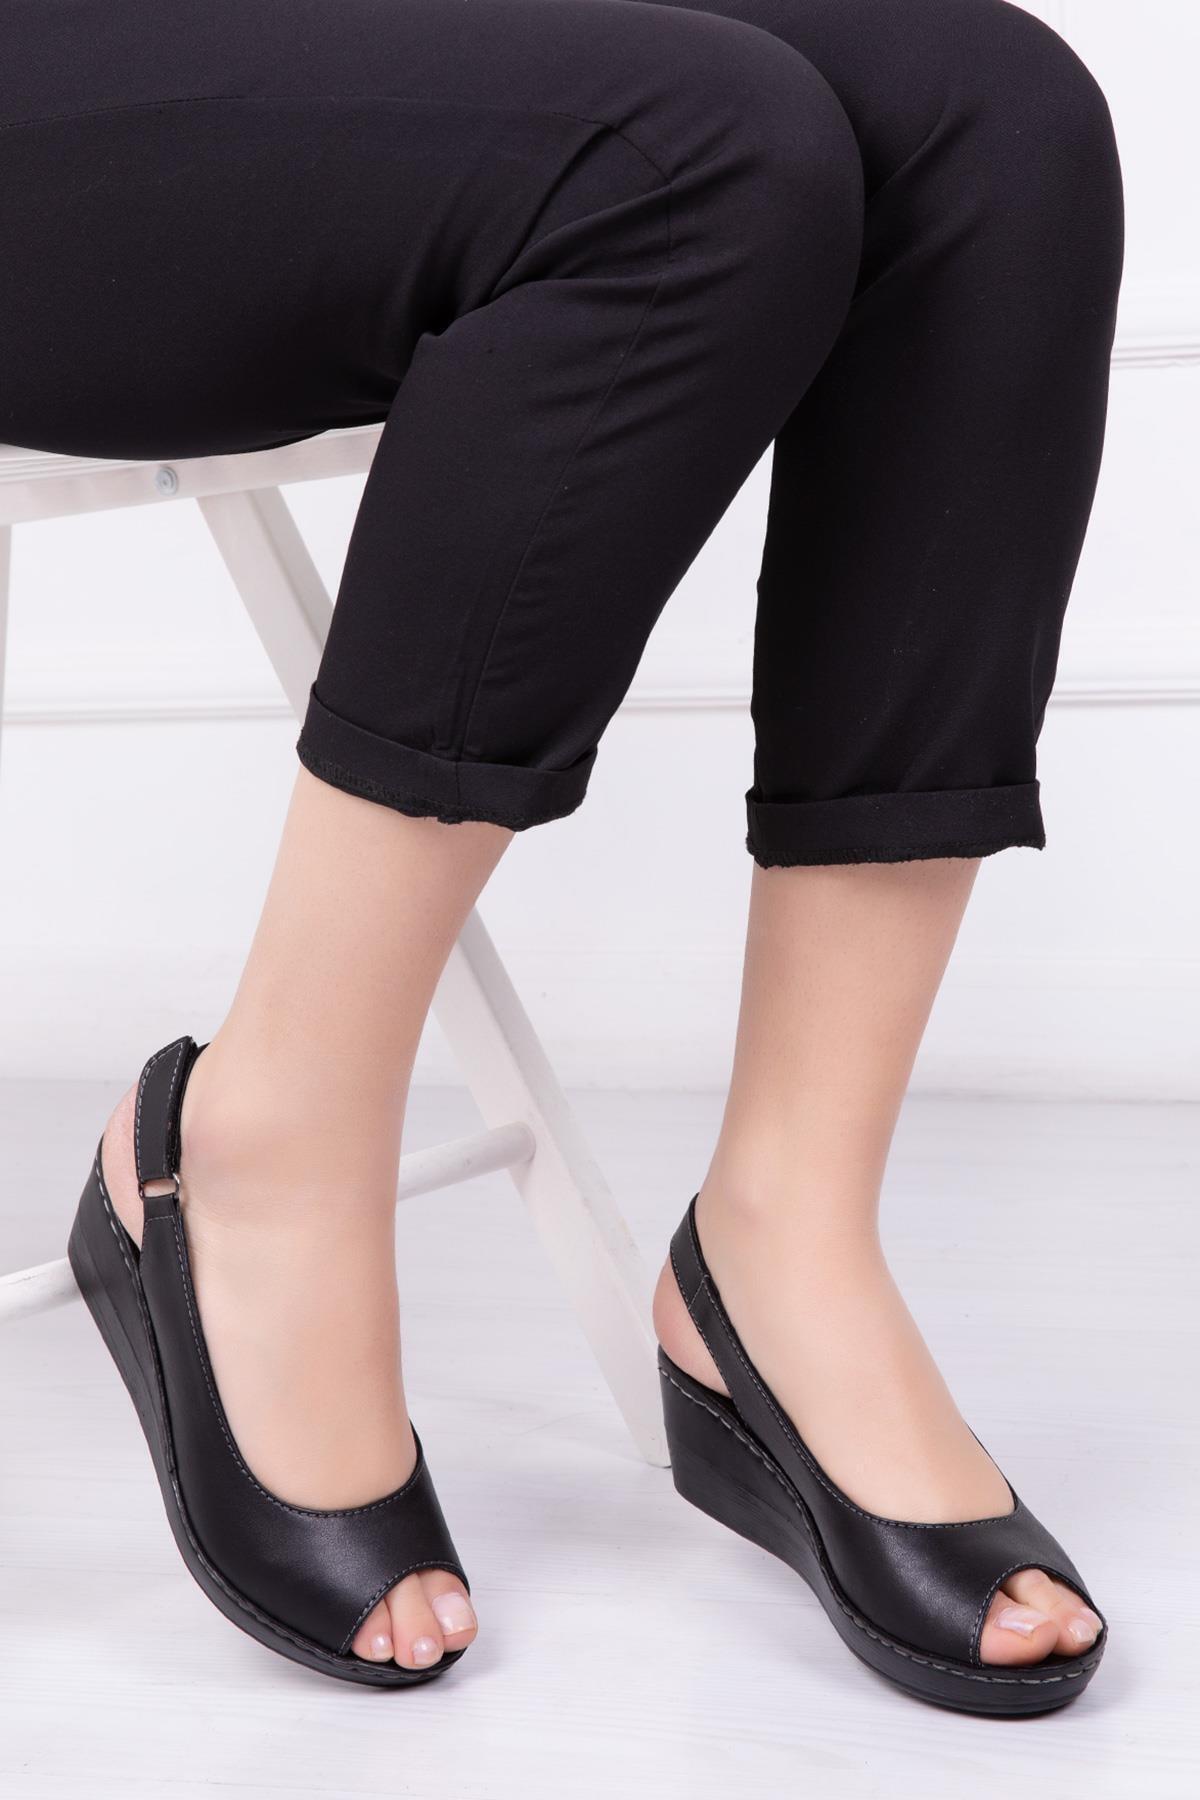 Deripabuc Hakiki Deri Siyah Kadın Dolgu Topuklu Deri Sandalet Crz-0402 2